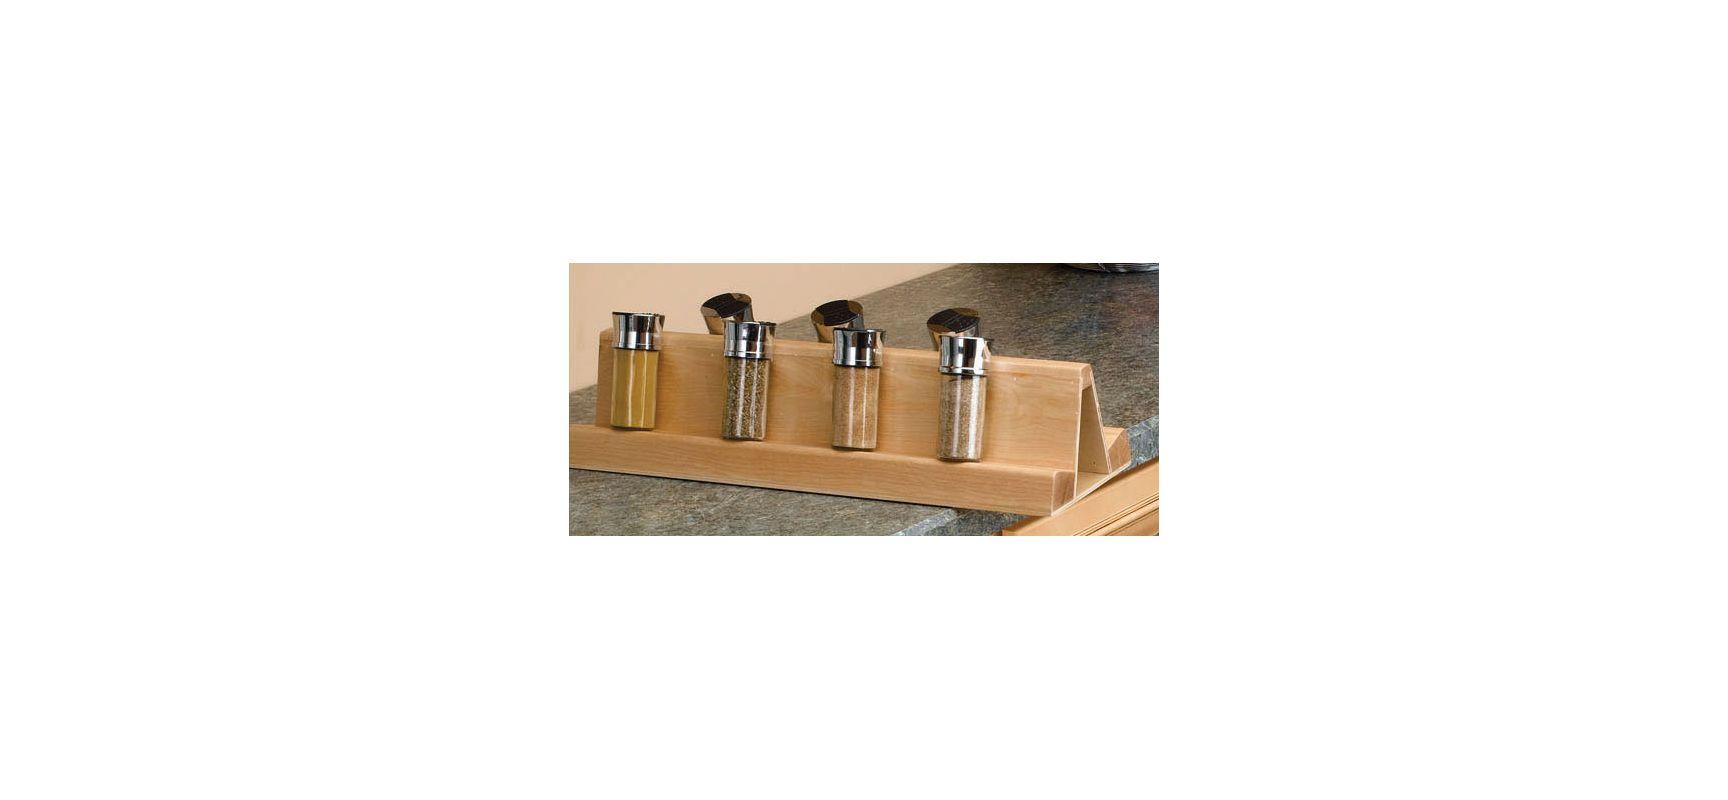 rev a shelf 448 sr11 1 natural wood spice rack for 448 bc. Black Bedroom Furniture Sets. Home Design Ideas